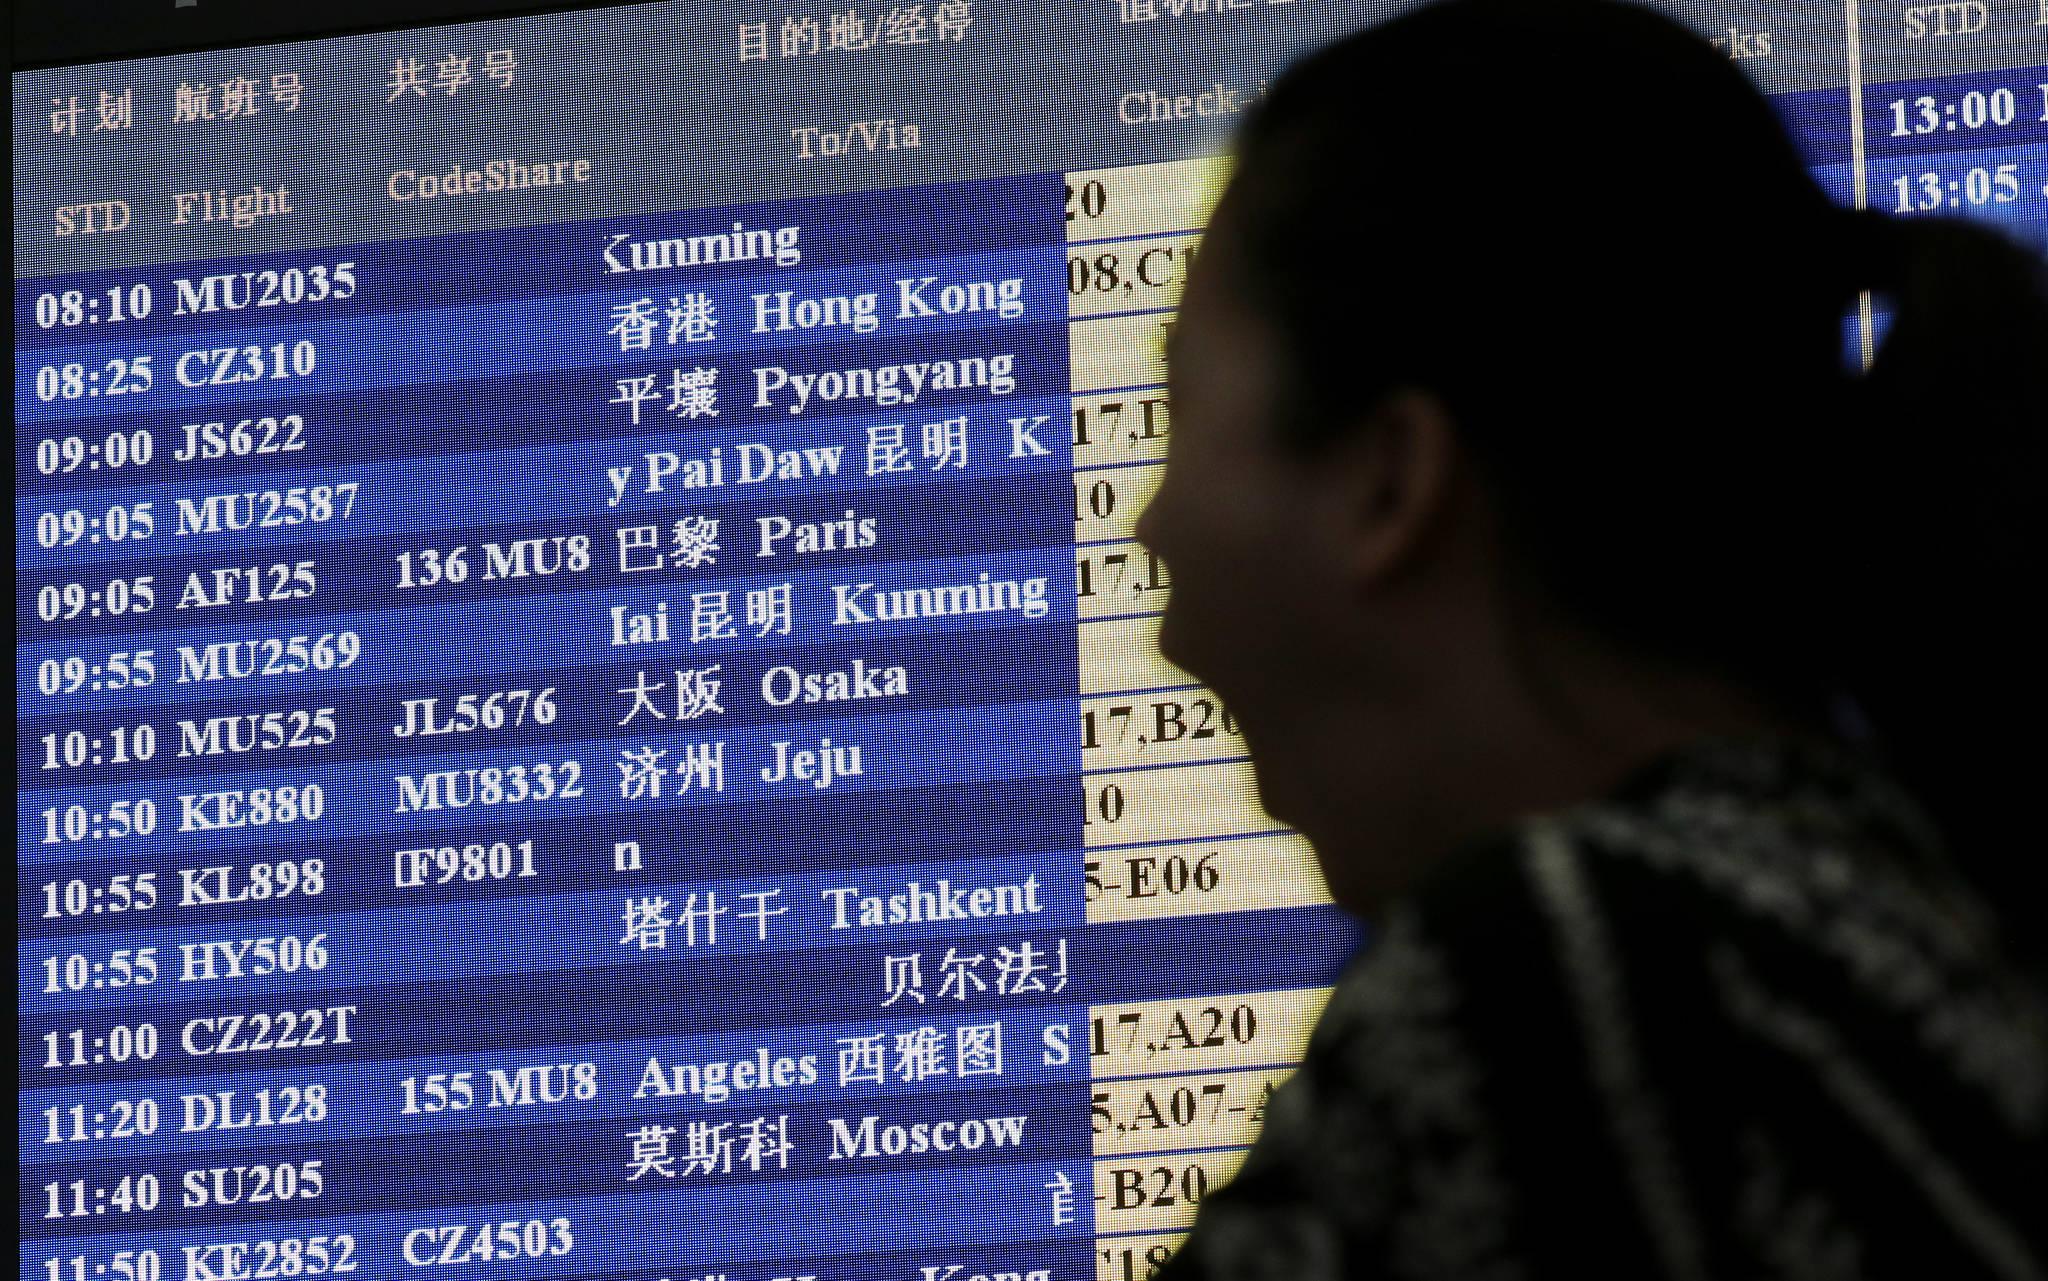 북한 풍계리 핵실험장 폐기 행사 취재를 위해 국제기자단을 태울 고려항공 편명(JS622)이 22일 오전 중국 베이징 서우두 공항 전광판에 올라와 있다. [사진공동취재단]